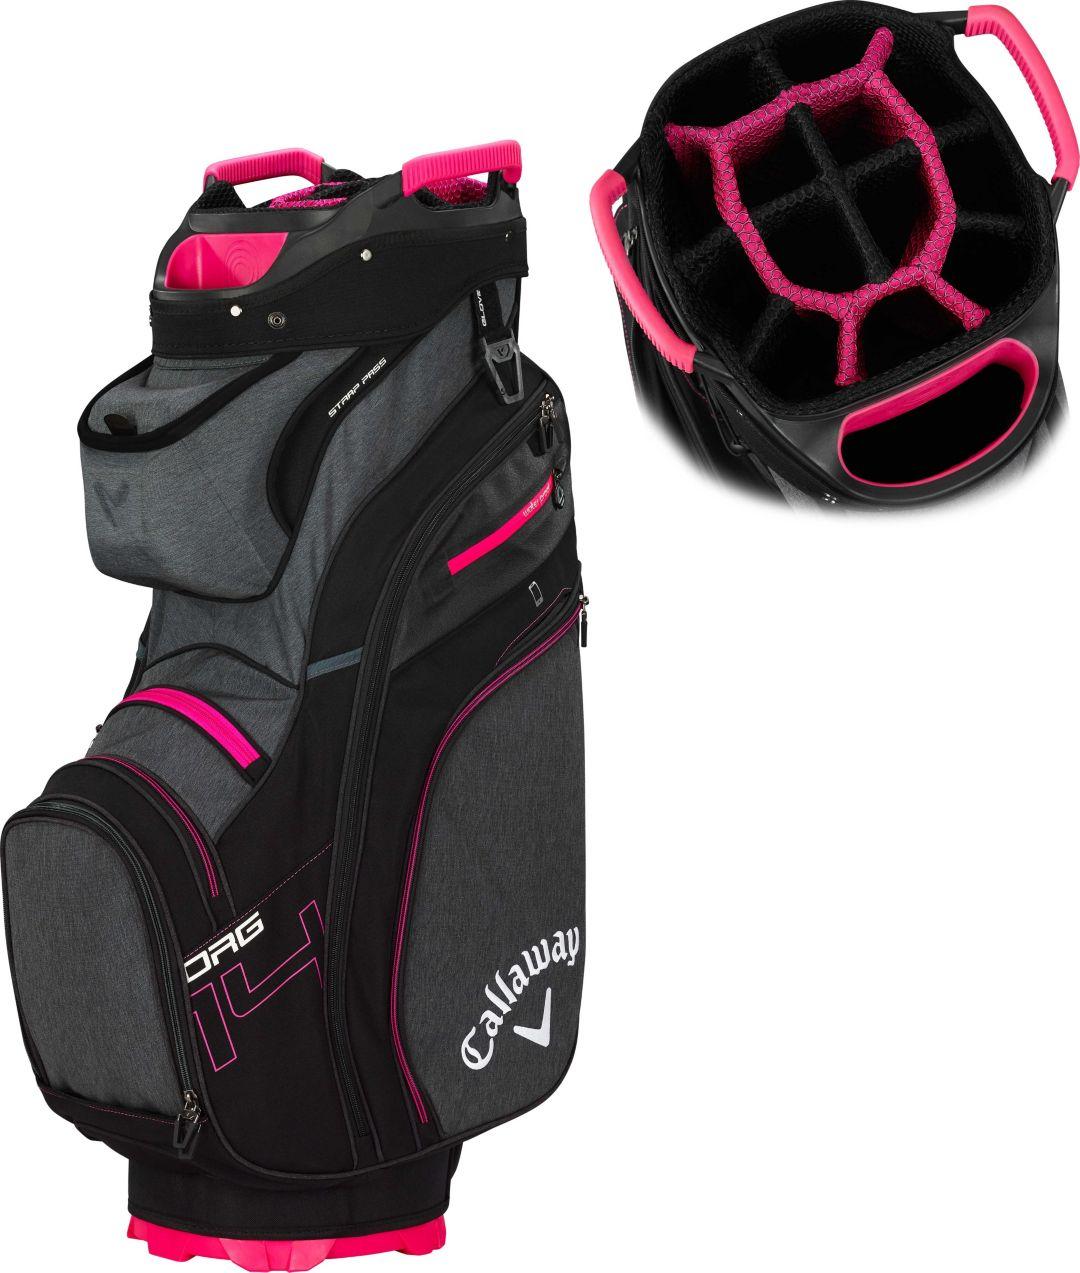 Callaway Women S 2019 Org 14 Cart Golf Bag